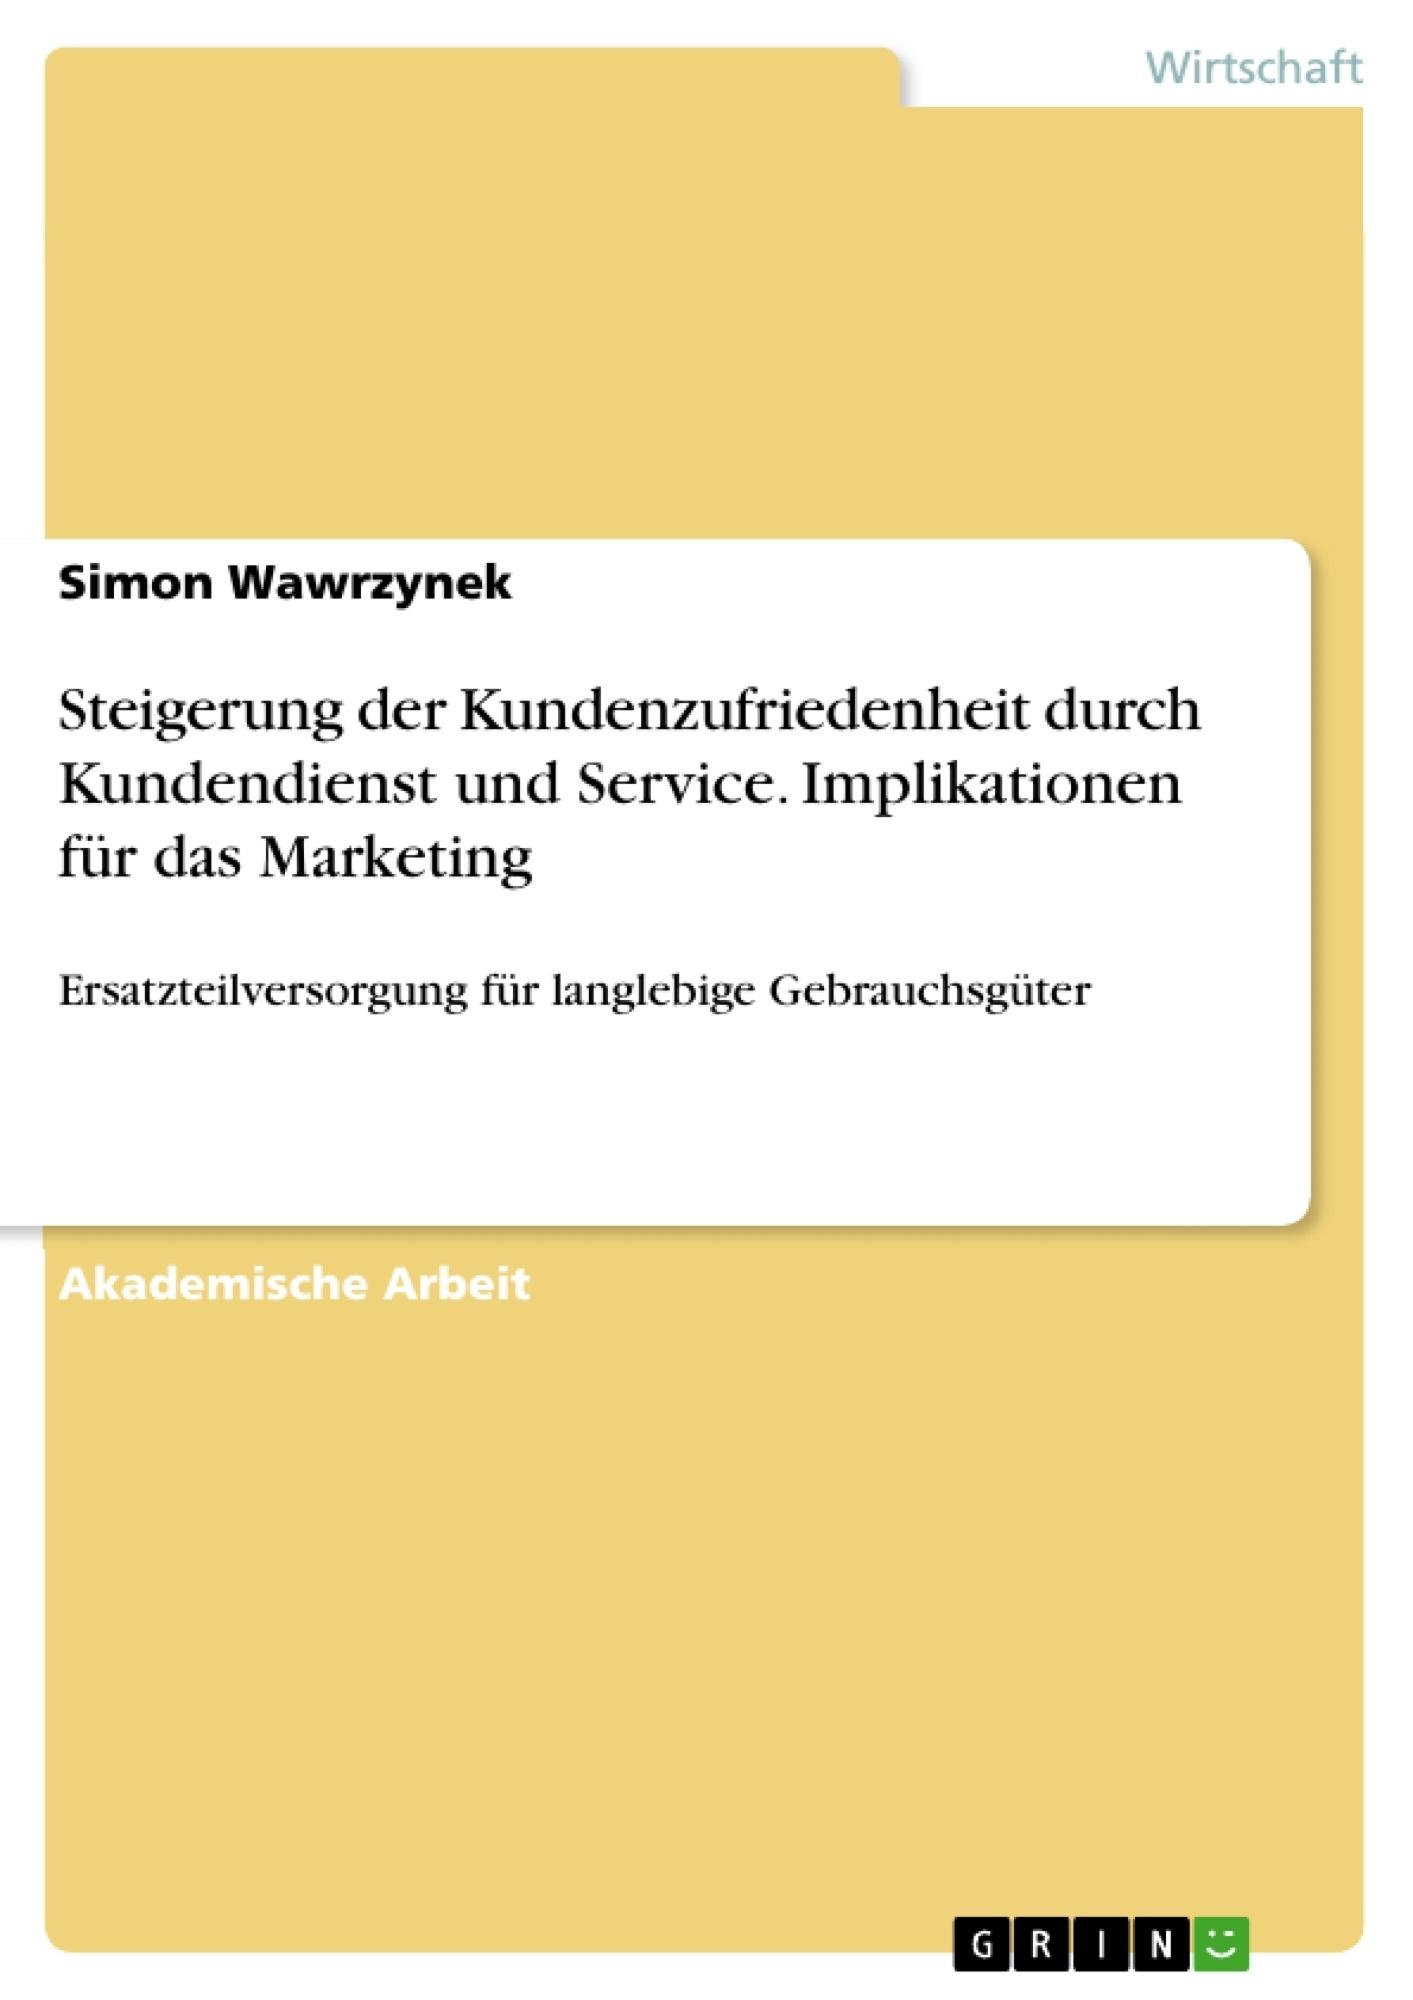 Titel: Steigerung der Kundenzufriedenheit durch Kundendienst und Service. Implikationen für das Marketing